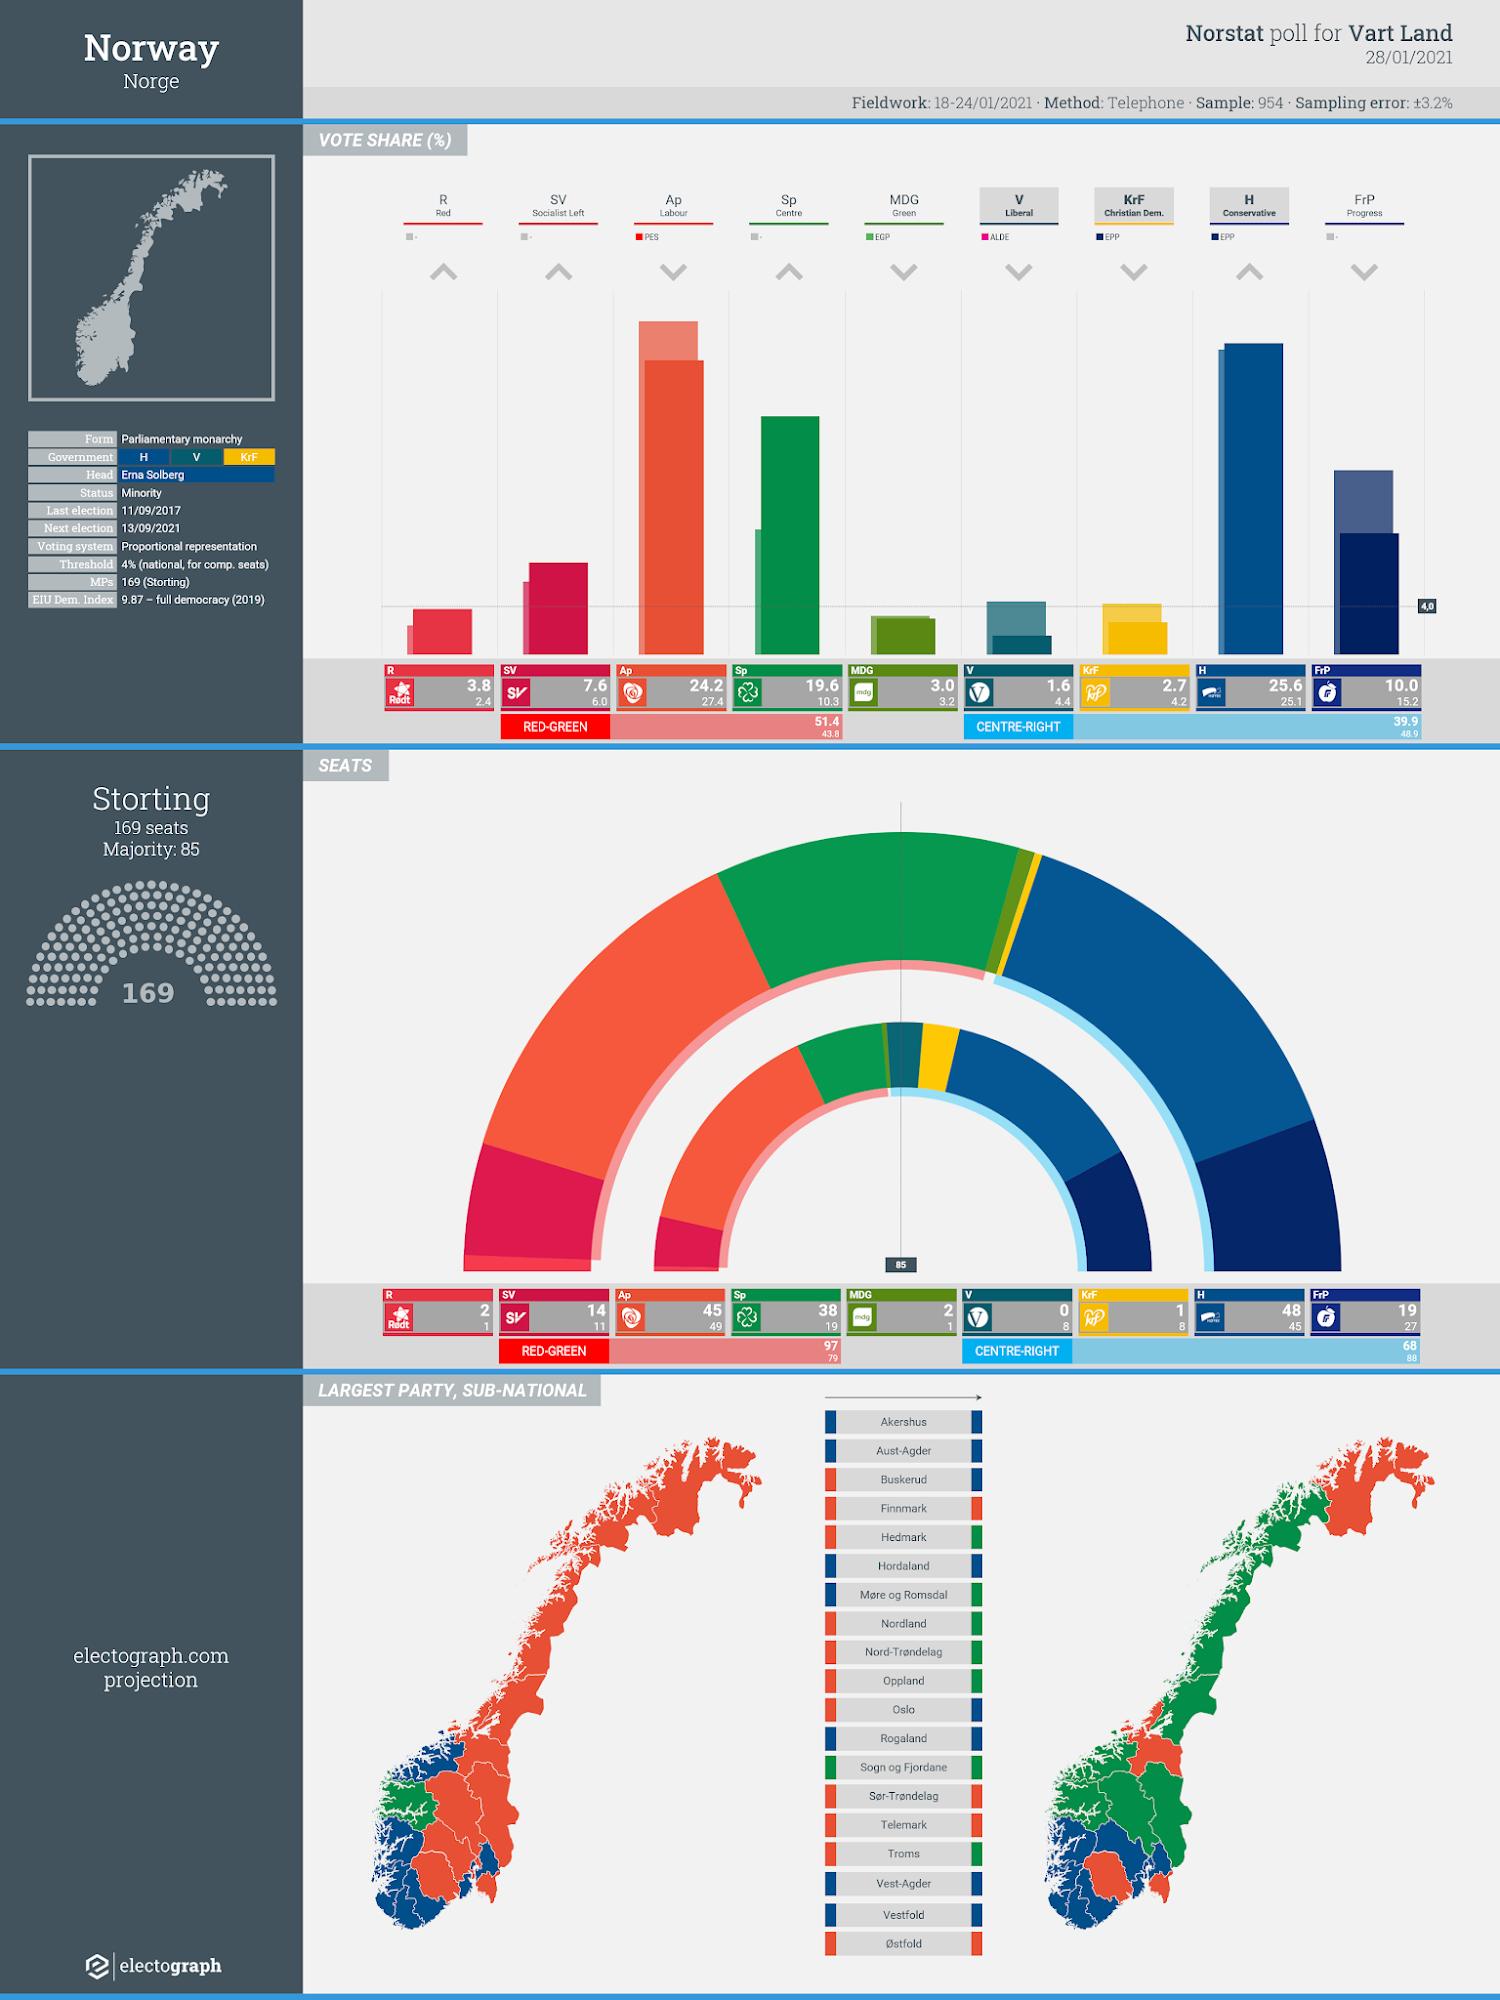 NORWAY: Norstat poll chart for Vårt Land, 28 January 2021